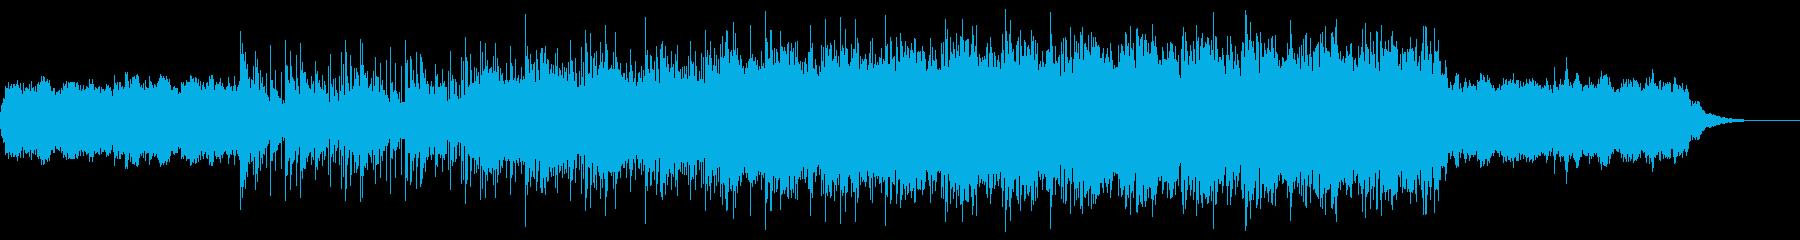 ダークな雰囲気シネマティックアンビエントの再生済みの波形